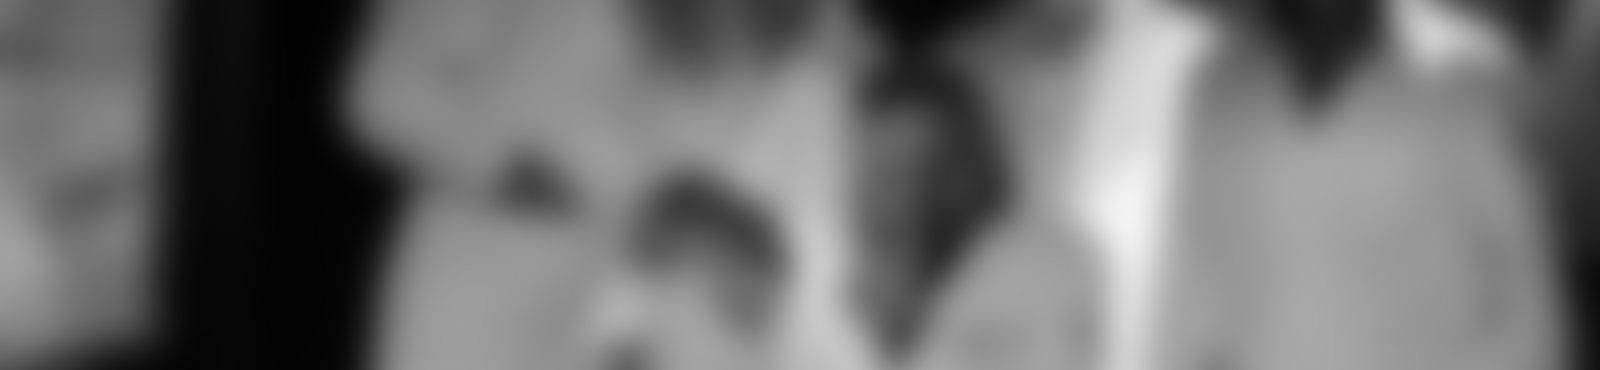 Blurred gabanyi